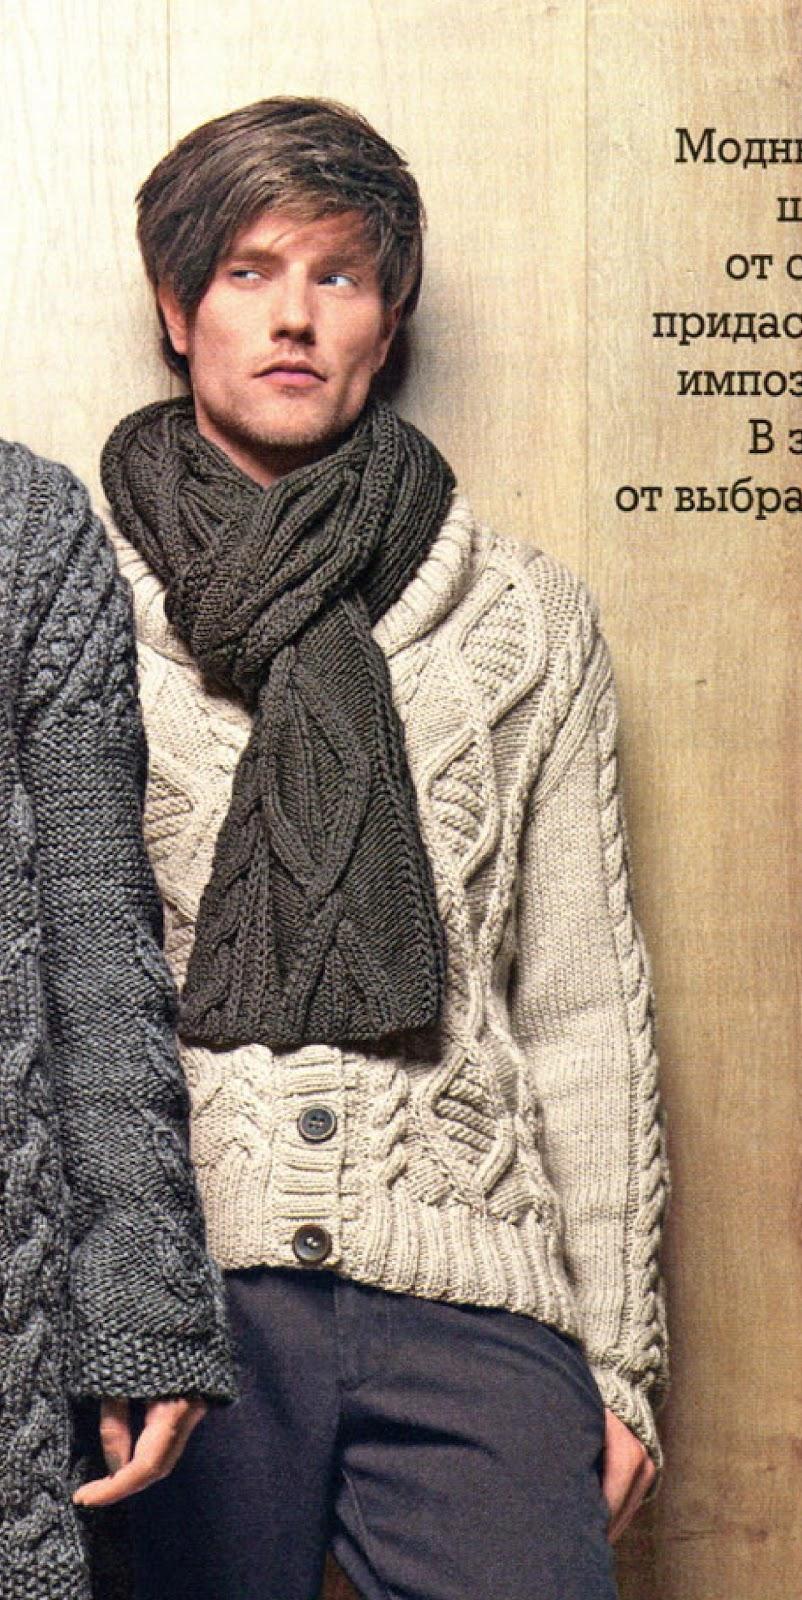 Мужской шарф спицами - как вязать и какой?  11 фото со.